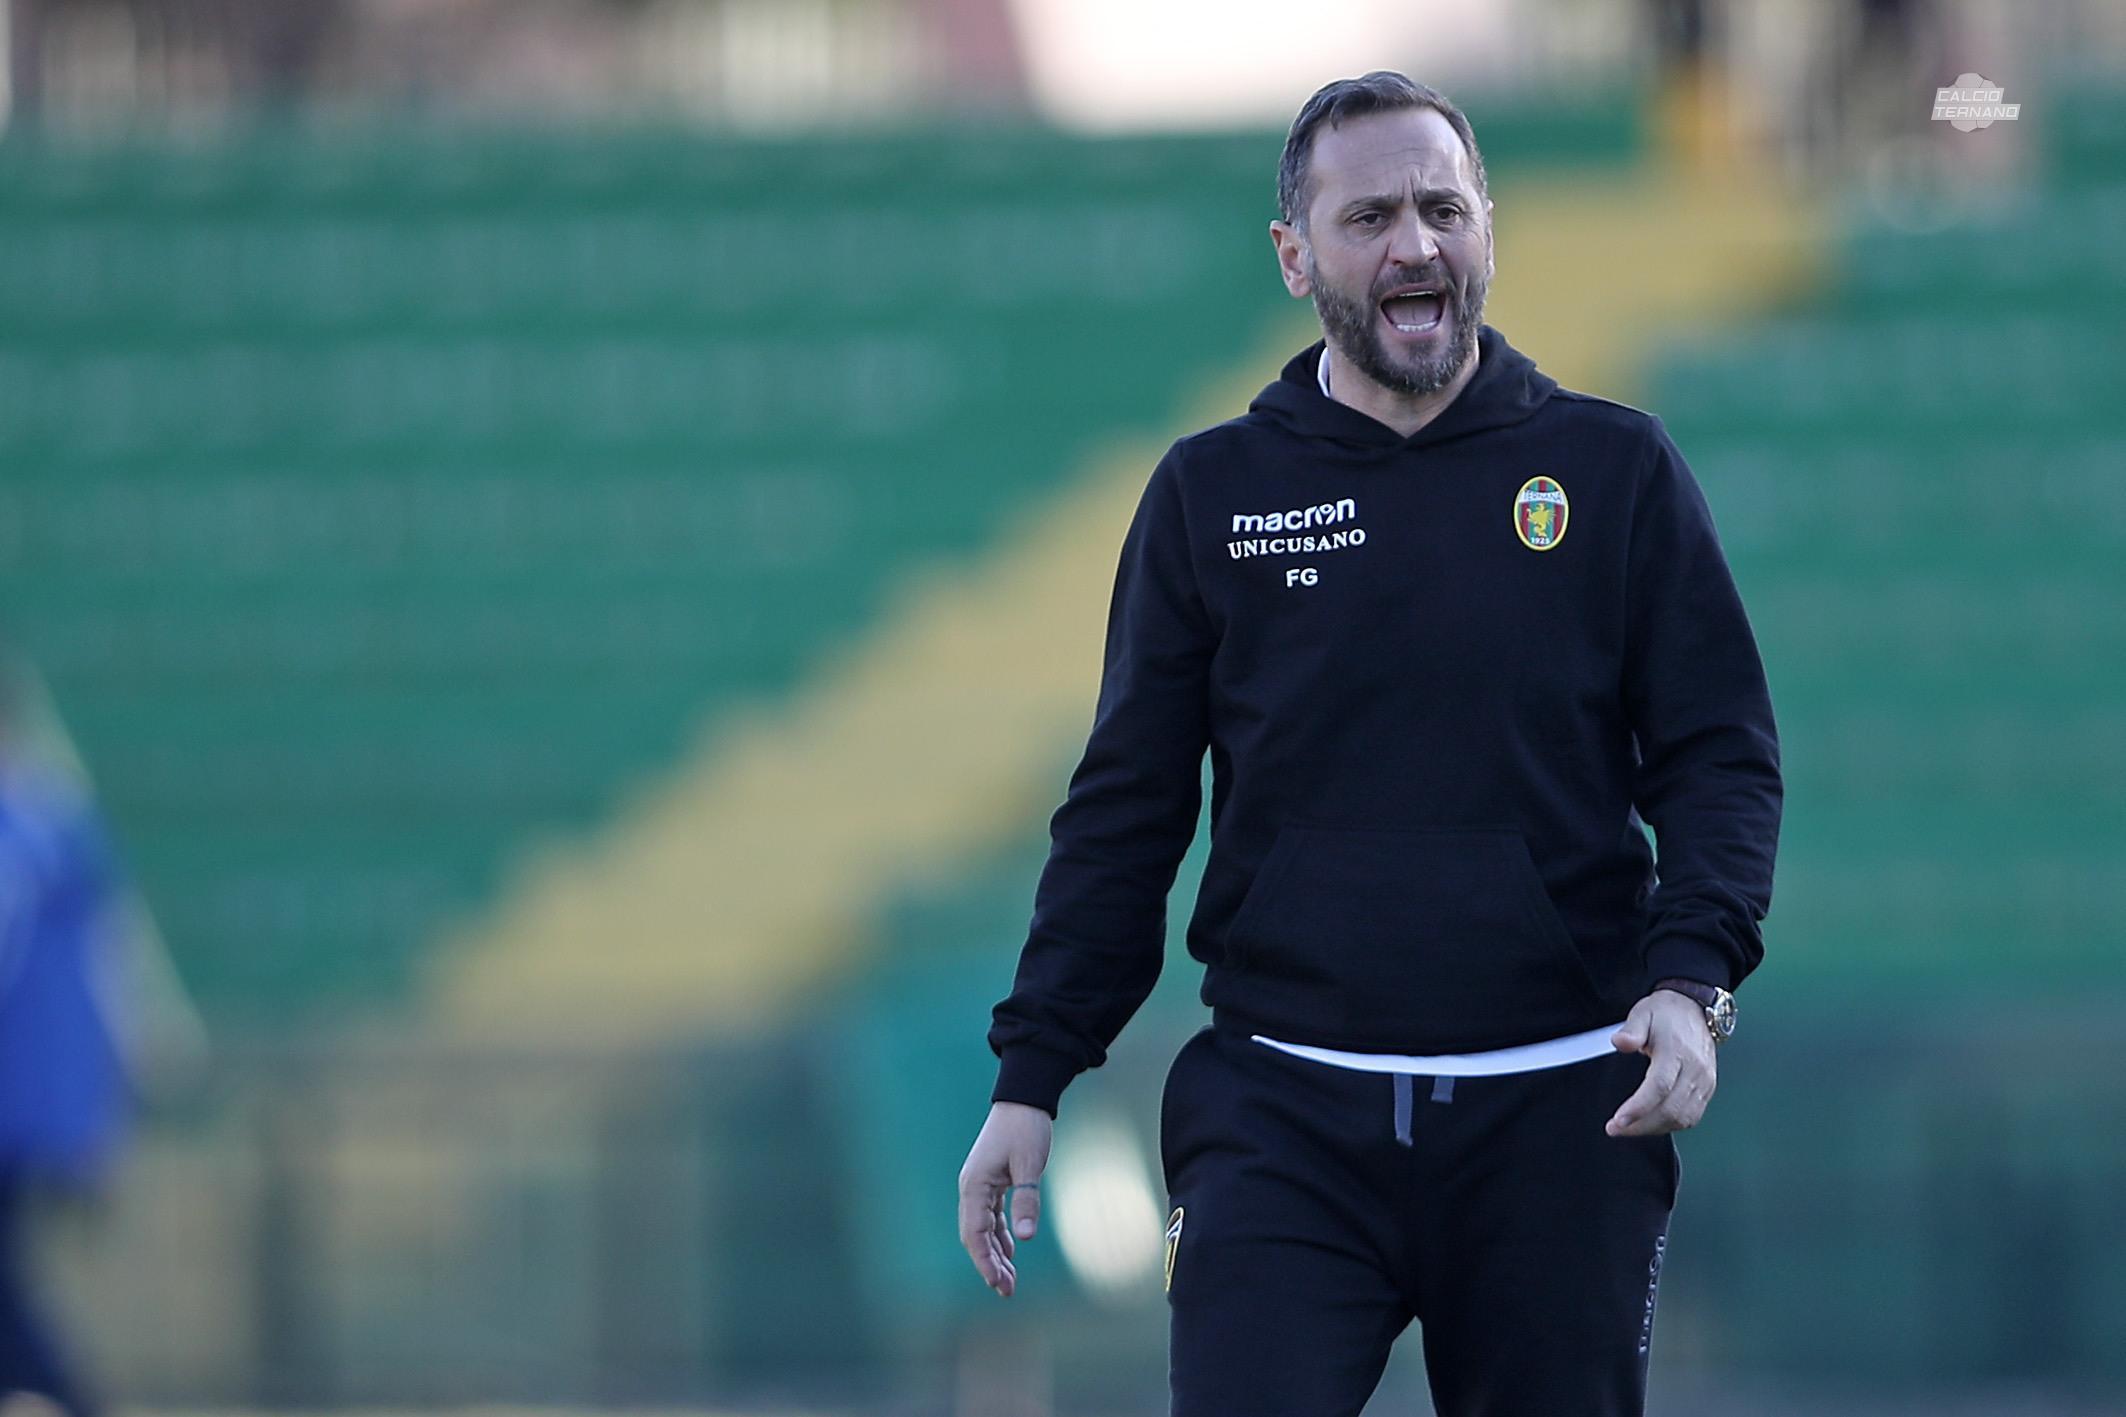 Lega Pro Sambenedettese-Ternana, Fabio Gallo 'Proseguiremo il ritiro'